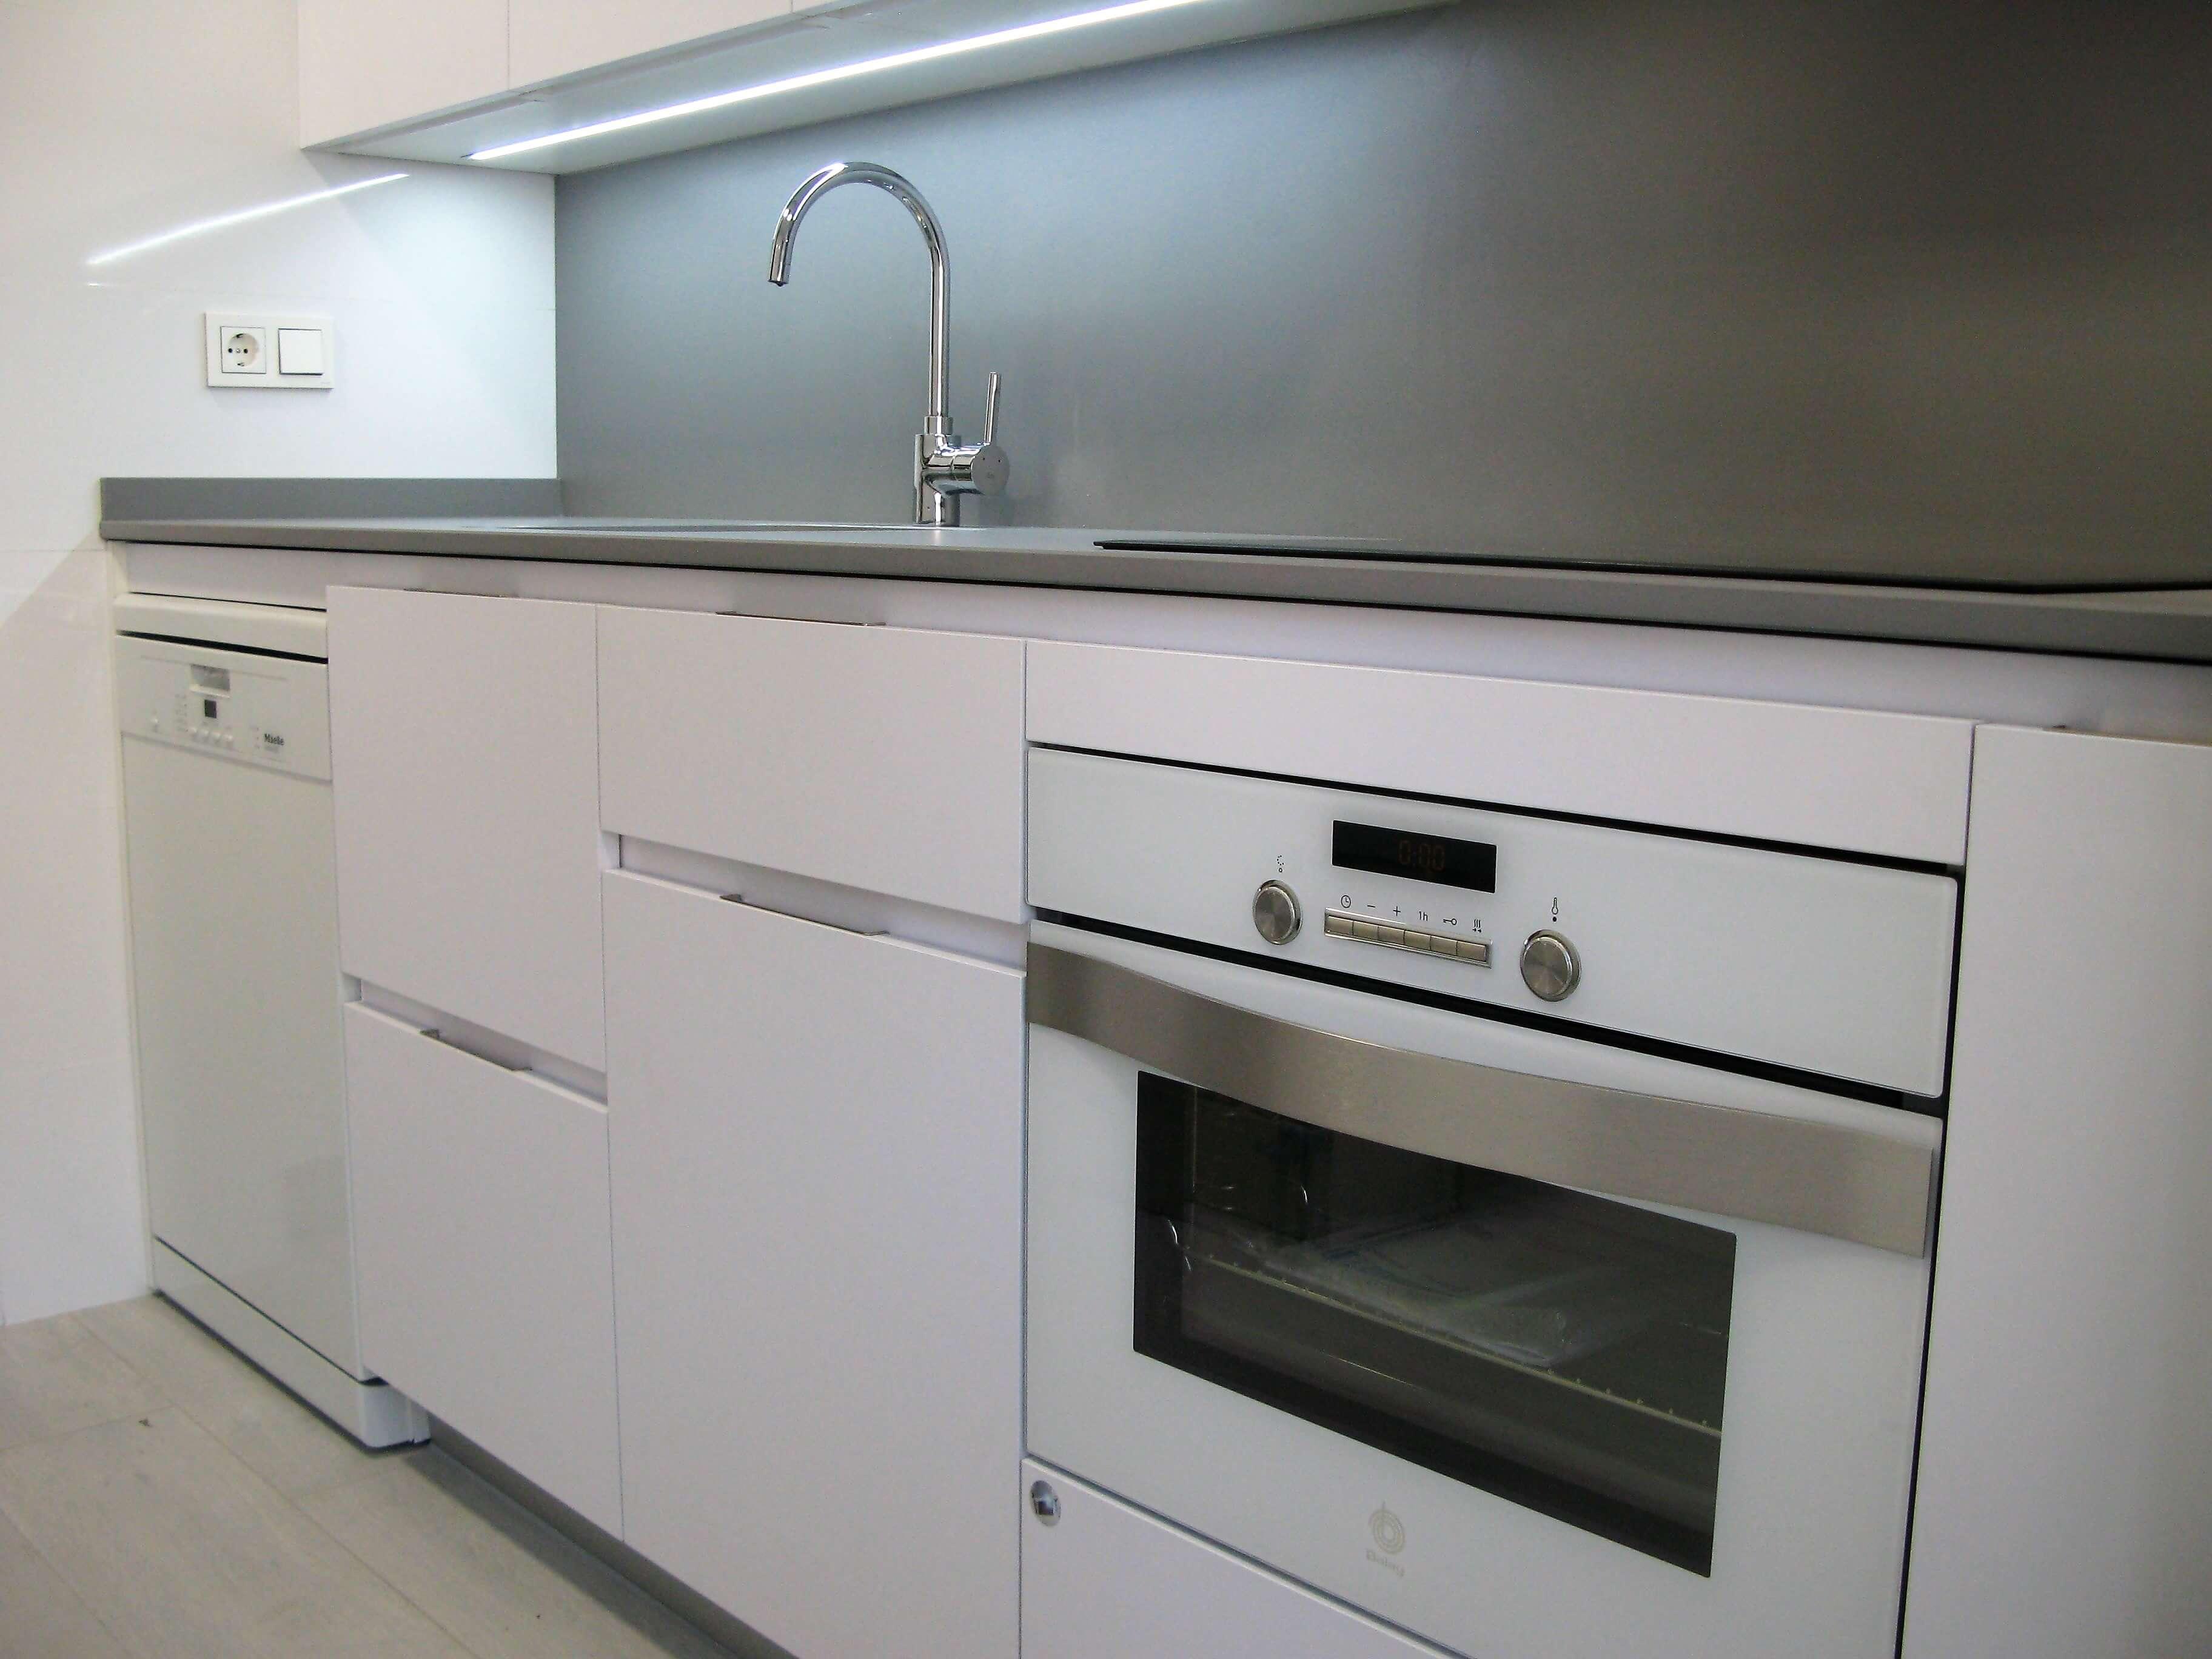 Cocina sin tiradores cocinas vitoria tierra home design for Cocina blanca encimera negra